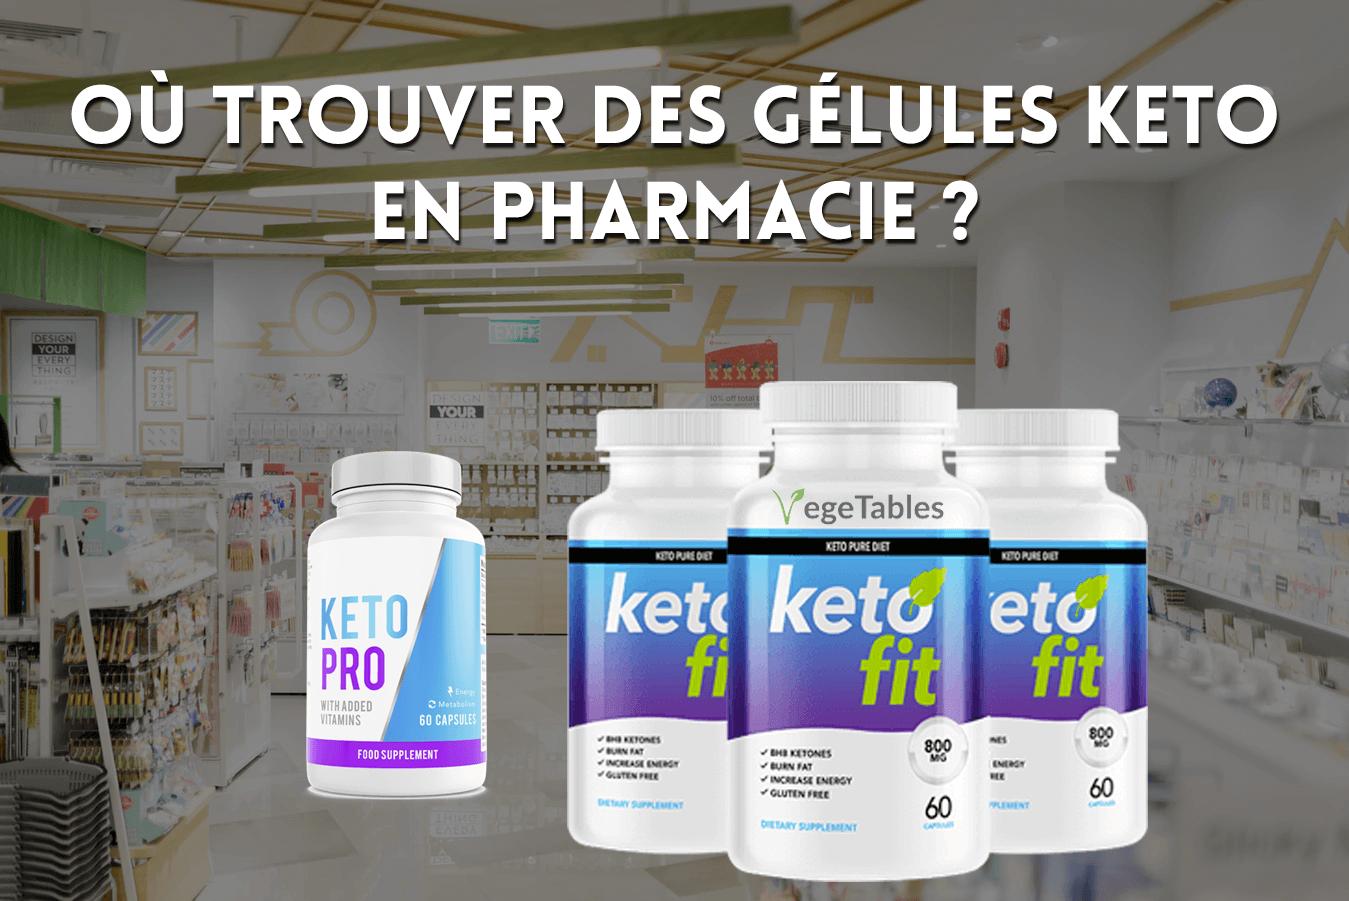 Gélules Keto en Pharmacie